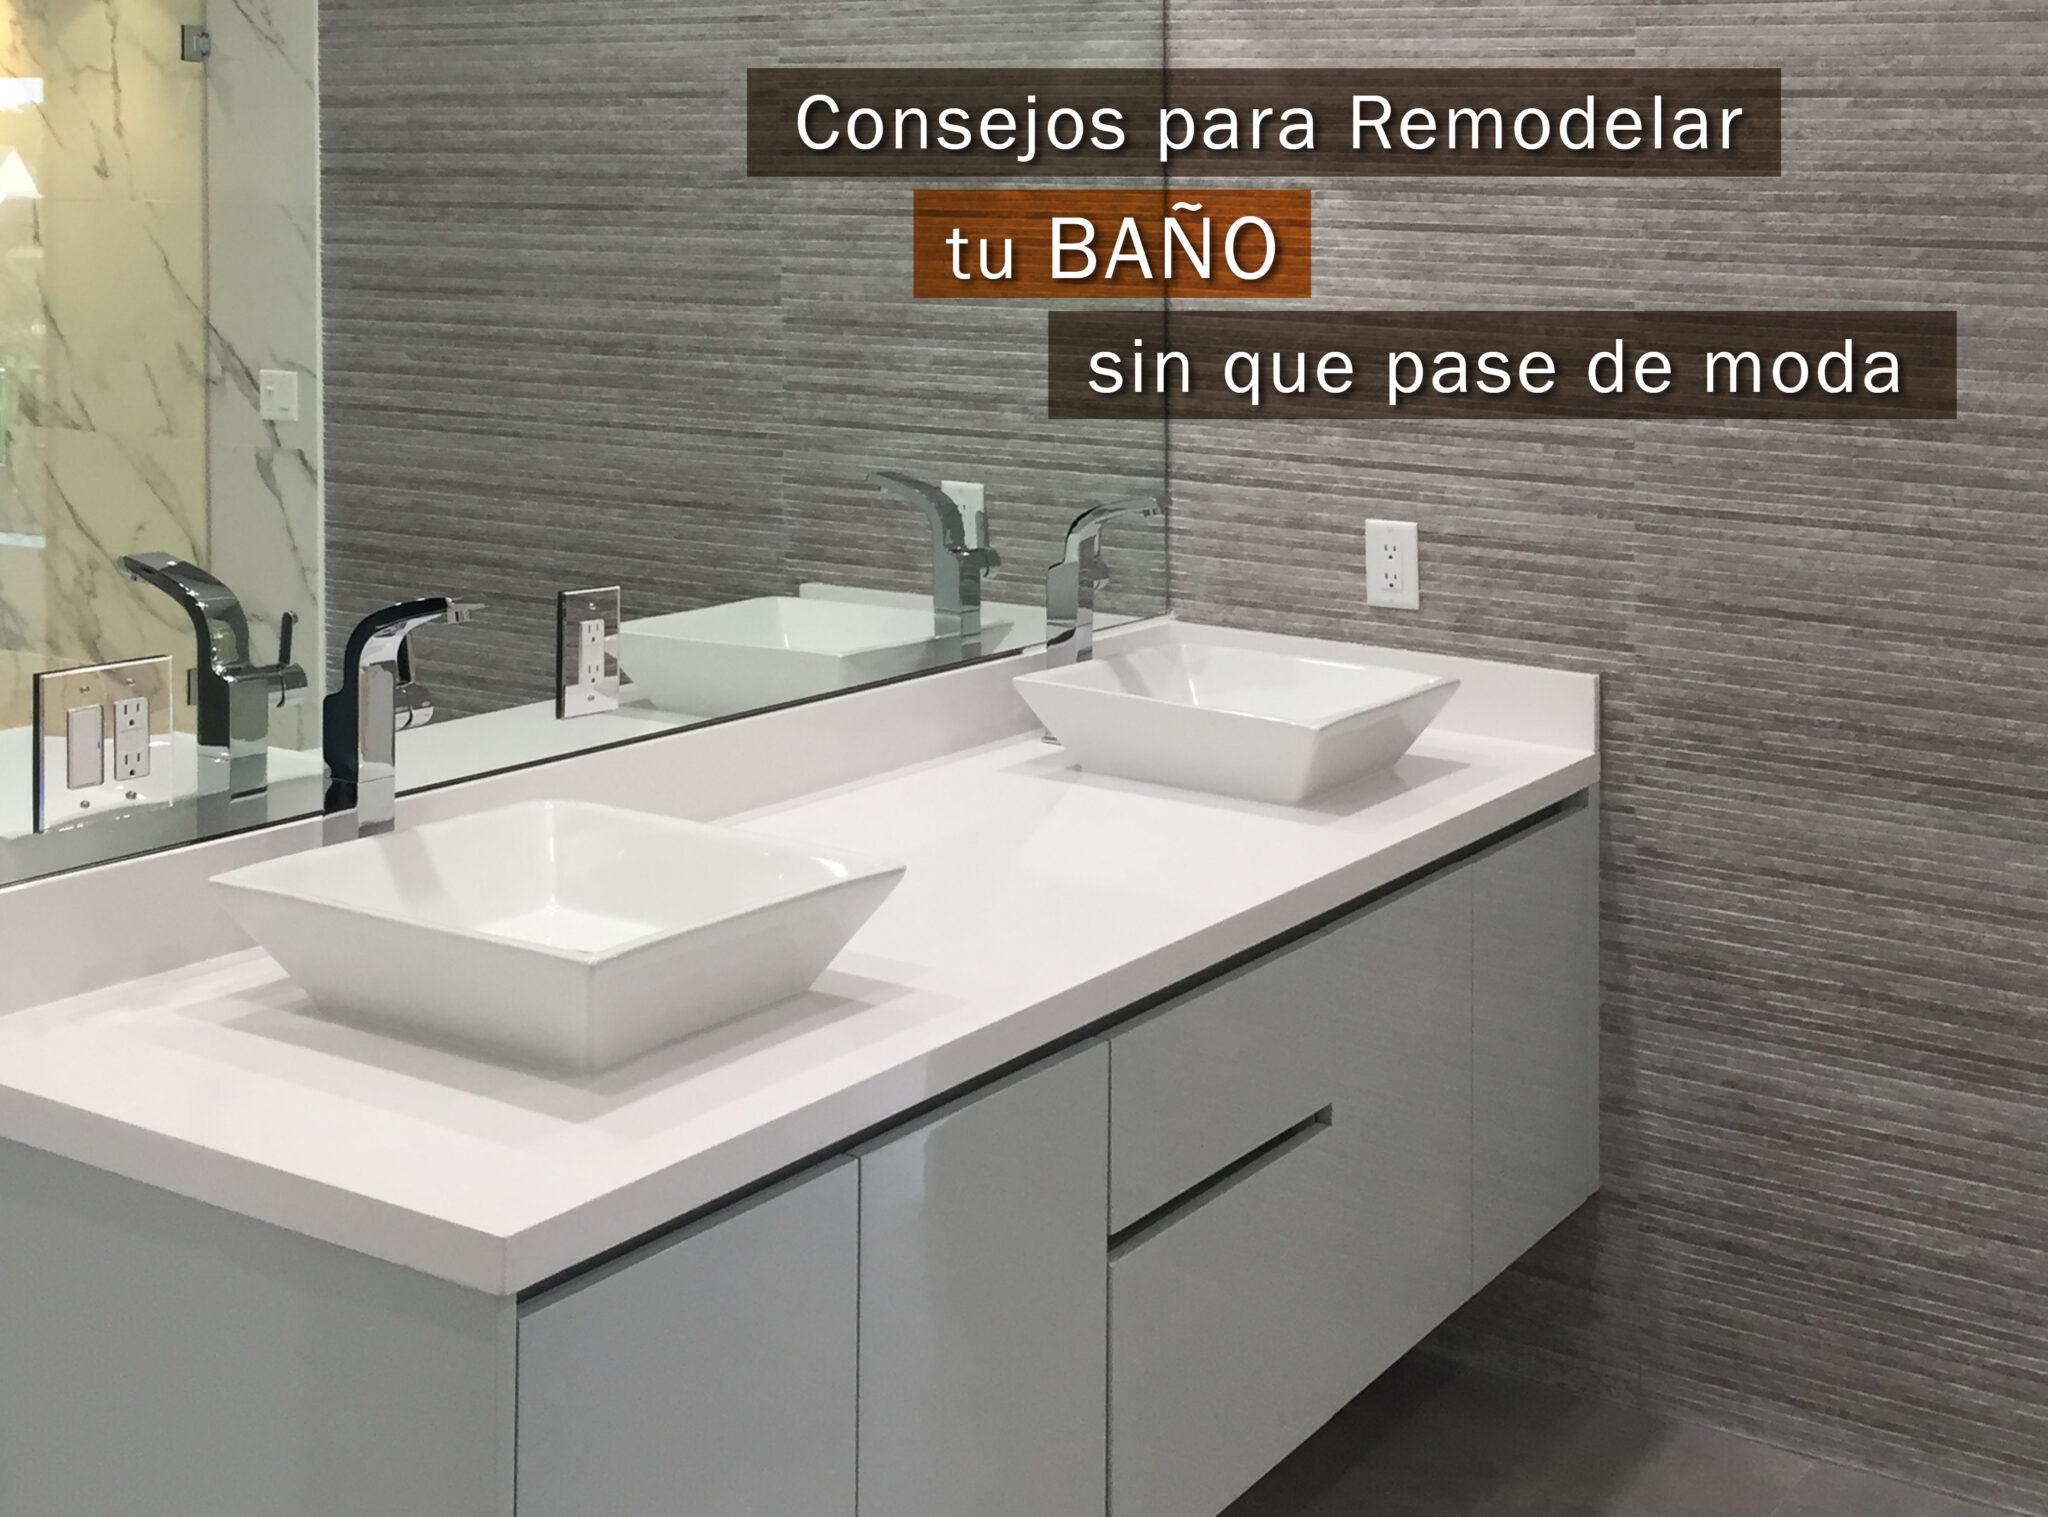 Remodelar el Baño sin que pase de moda